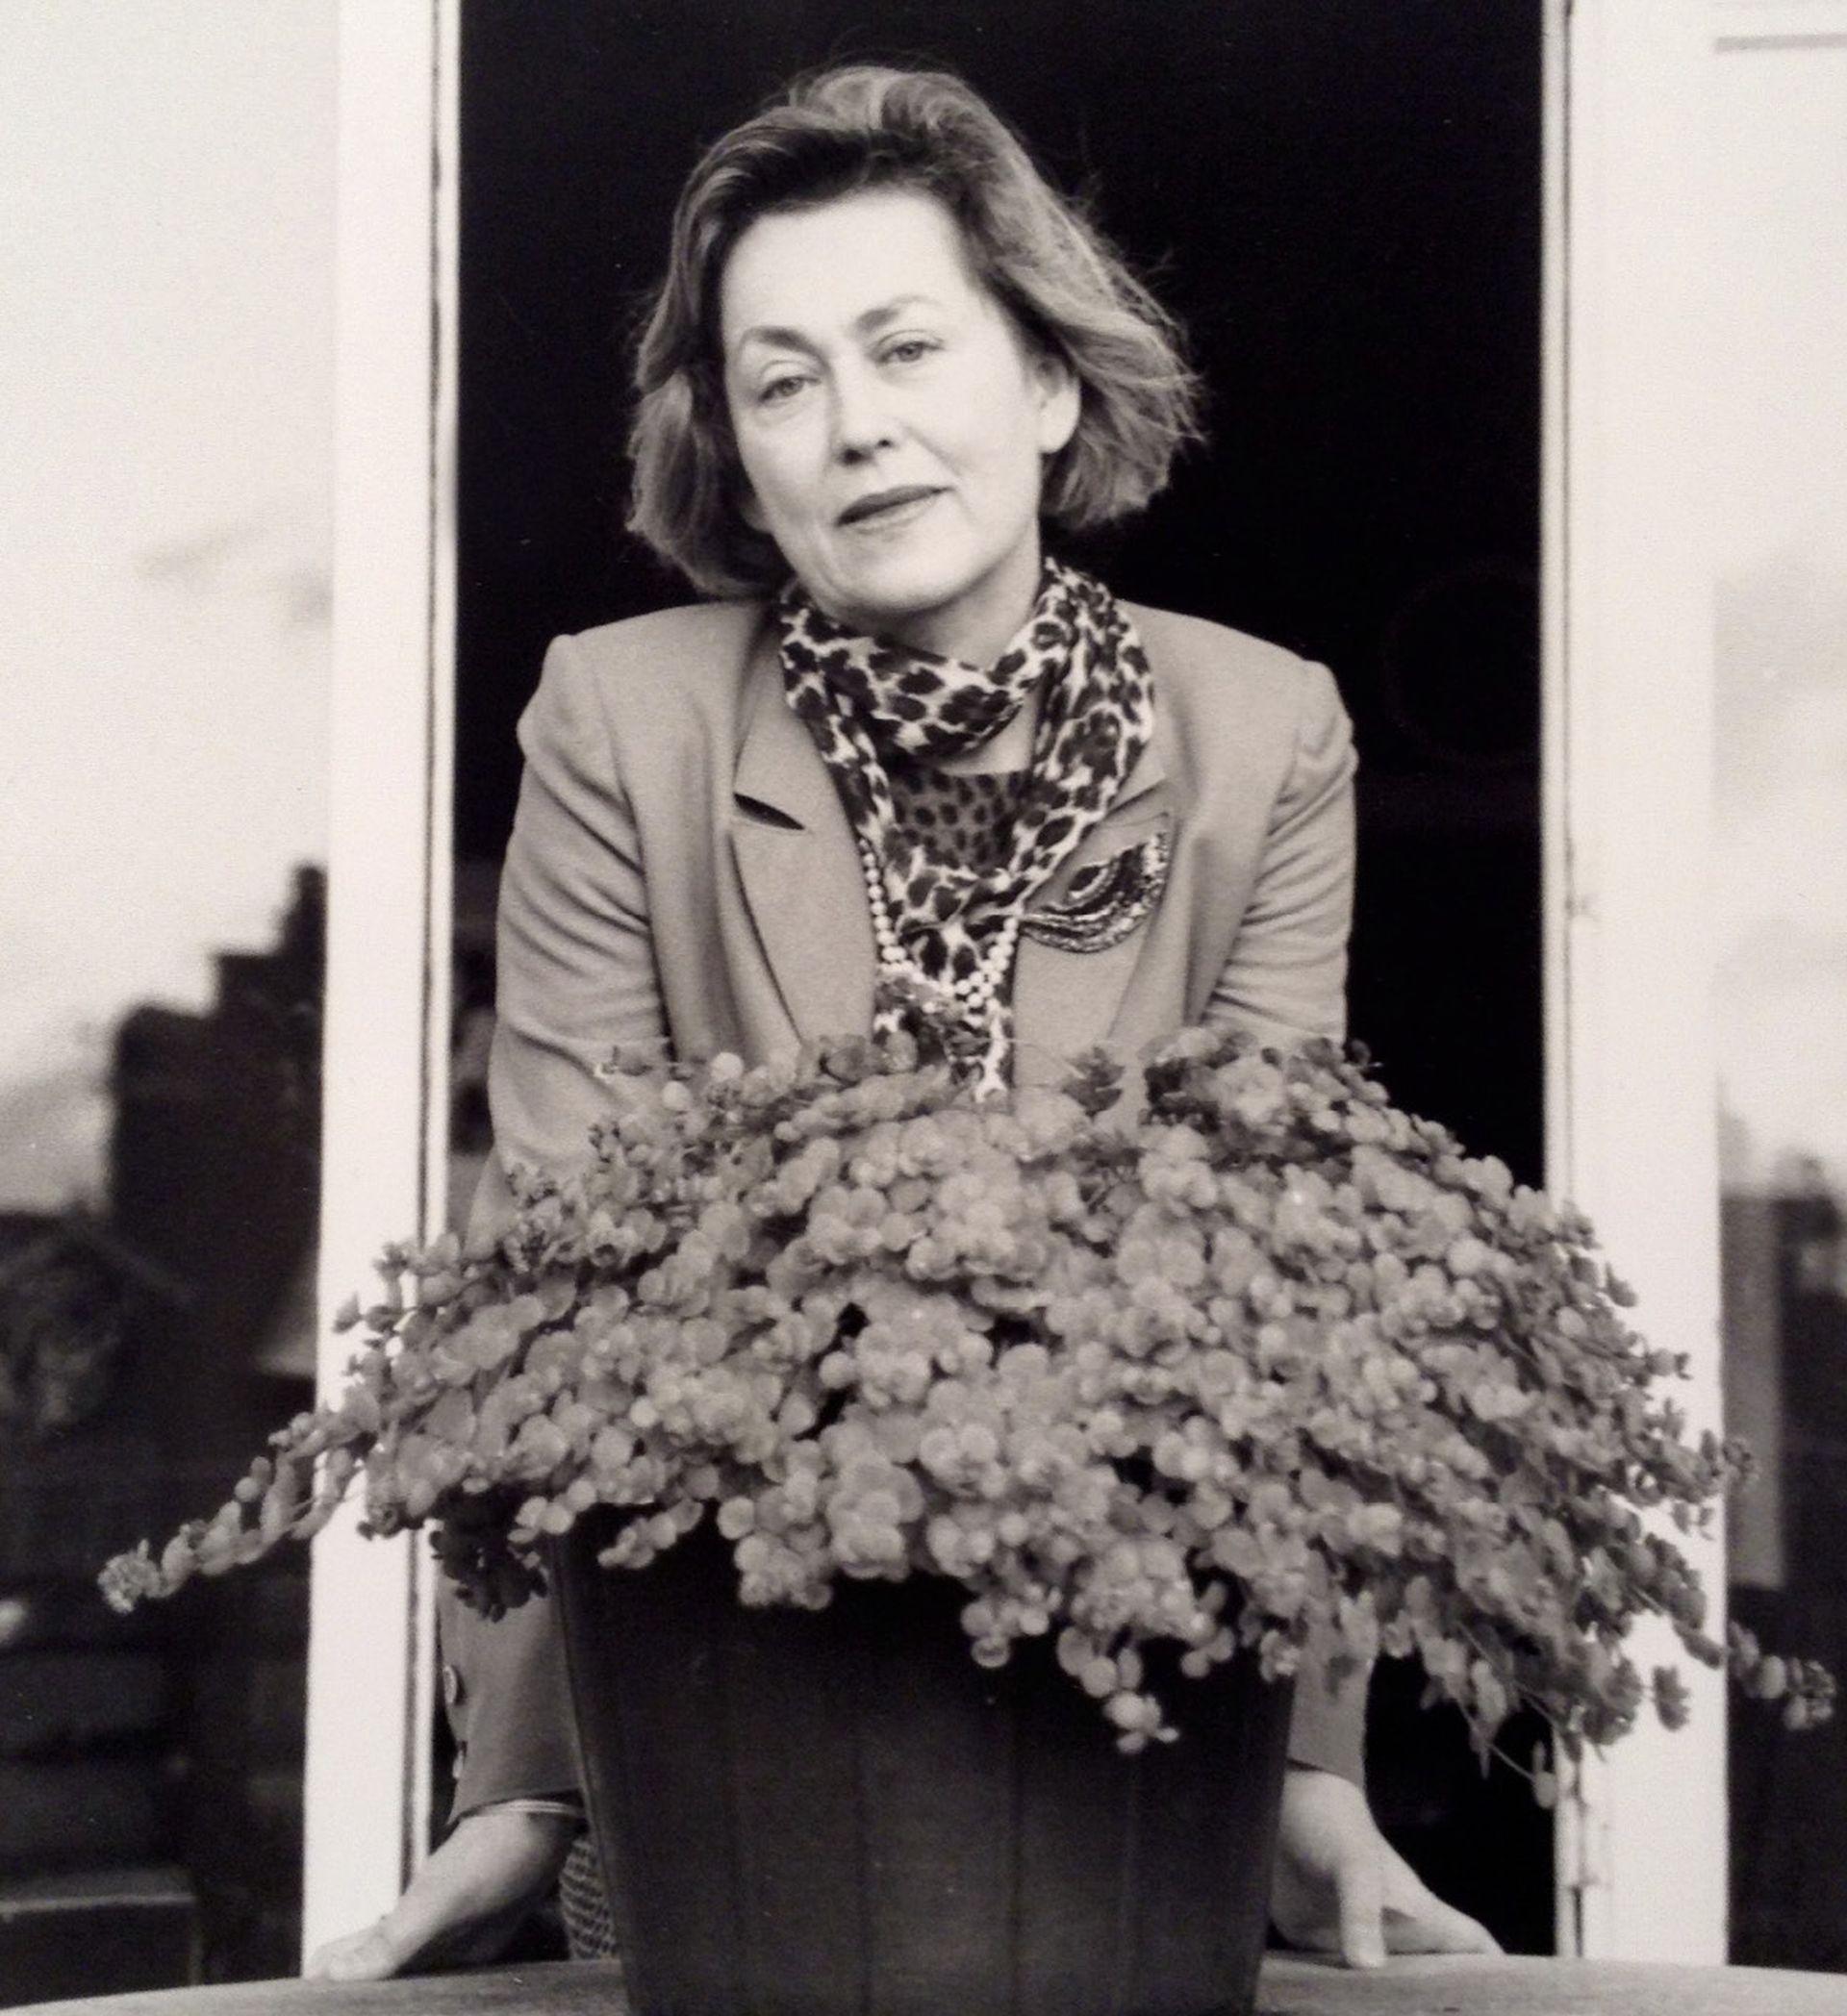 JADRANKA LADY BERESFORD-PEIRSE 'Princ Charles bio je jedan od prvih donatora moje zaklade za očuvanje hrvatske baštine'